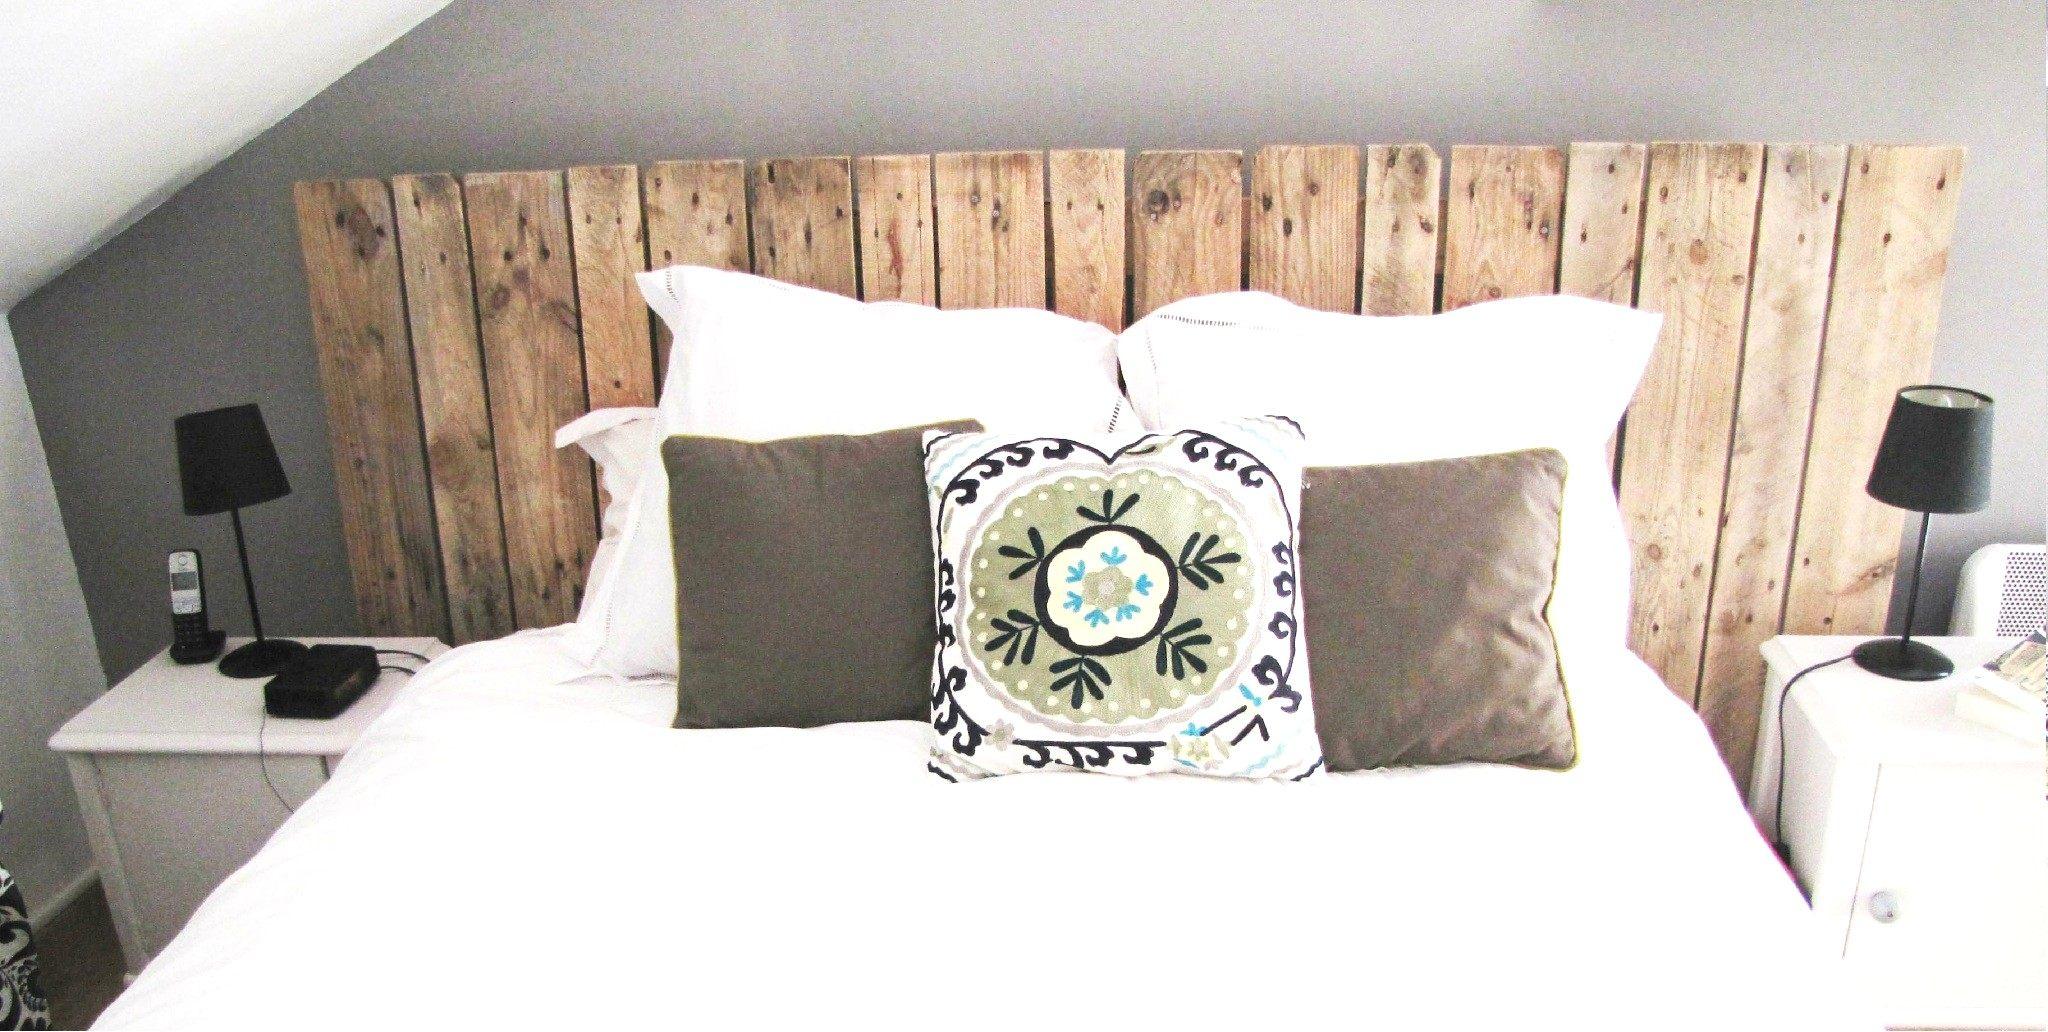 Fabriquer Une Tête De Lit Avec Rangement Génial Tete De Lit Tissu Ikea Impressionnant Splendid Tete De Lit Avec Avec